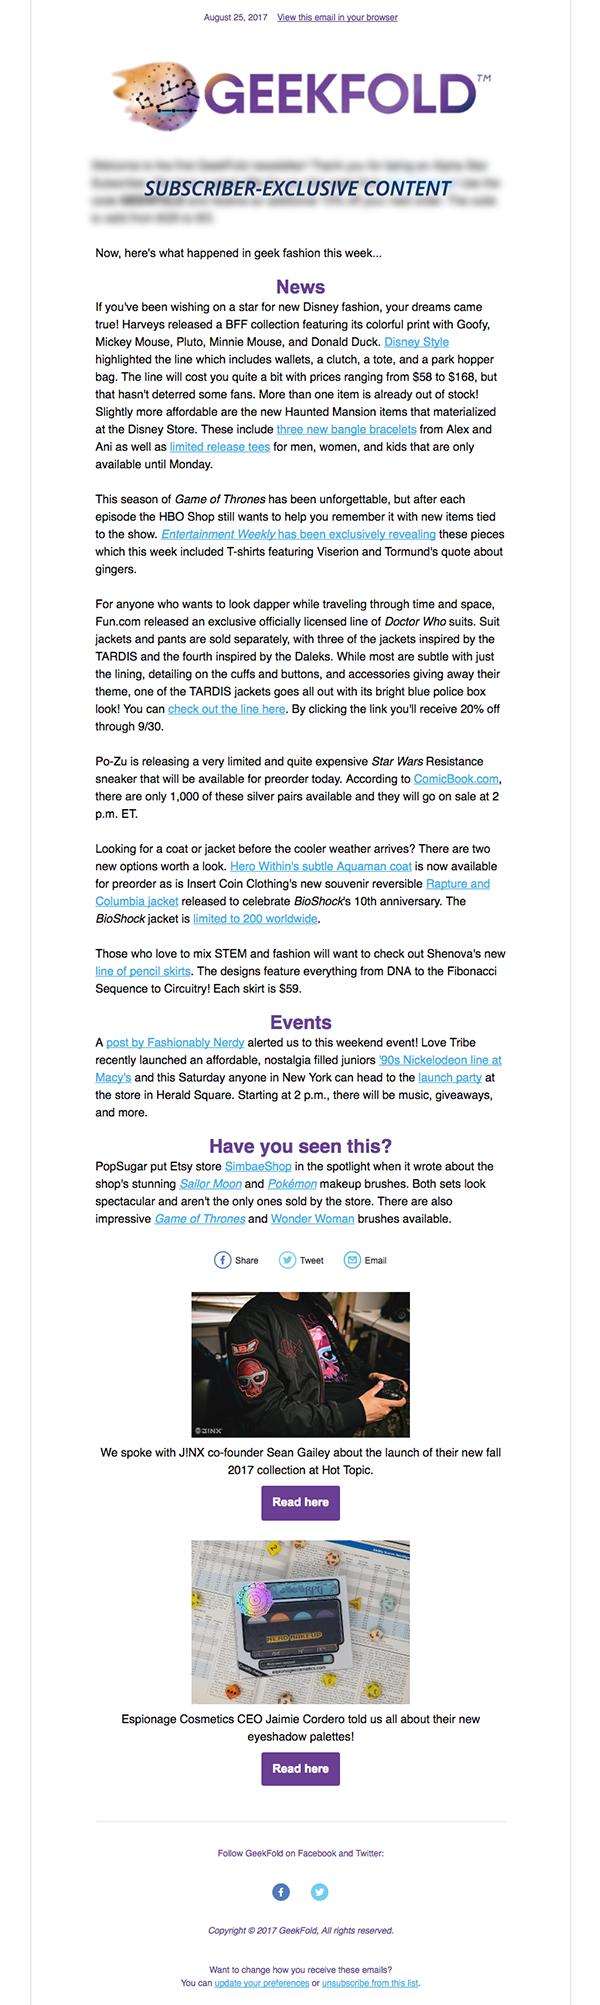 GeekFold Sample Newsletter